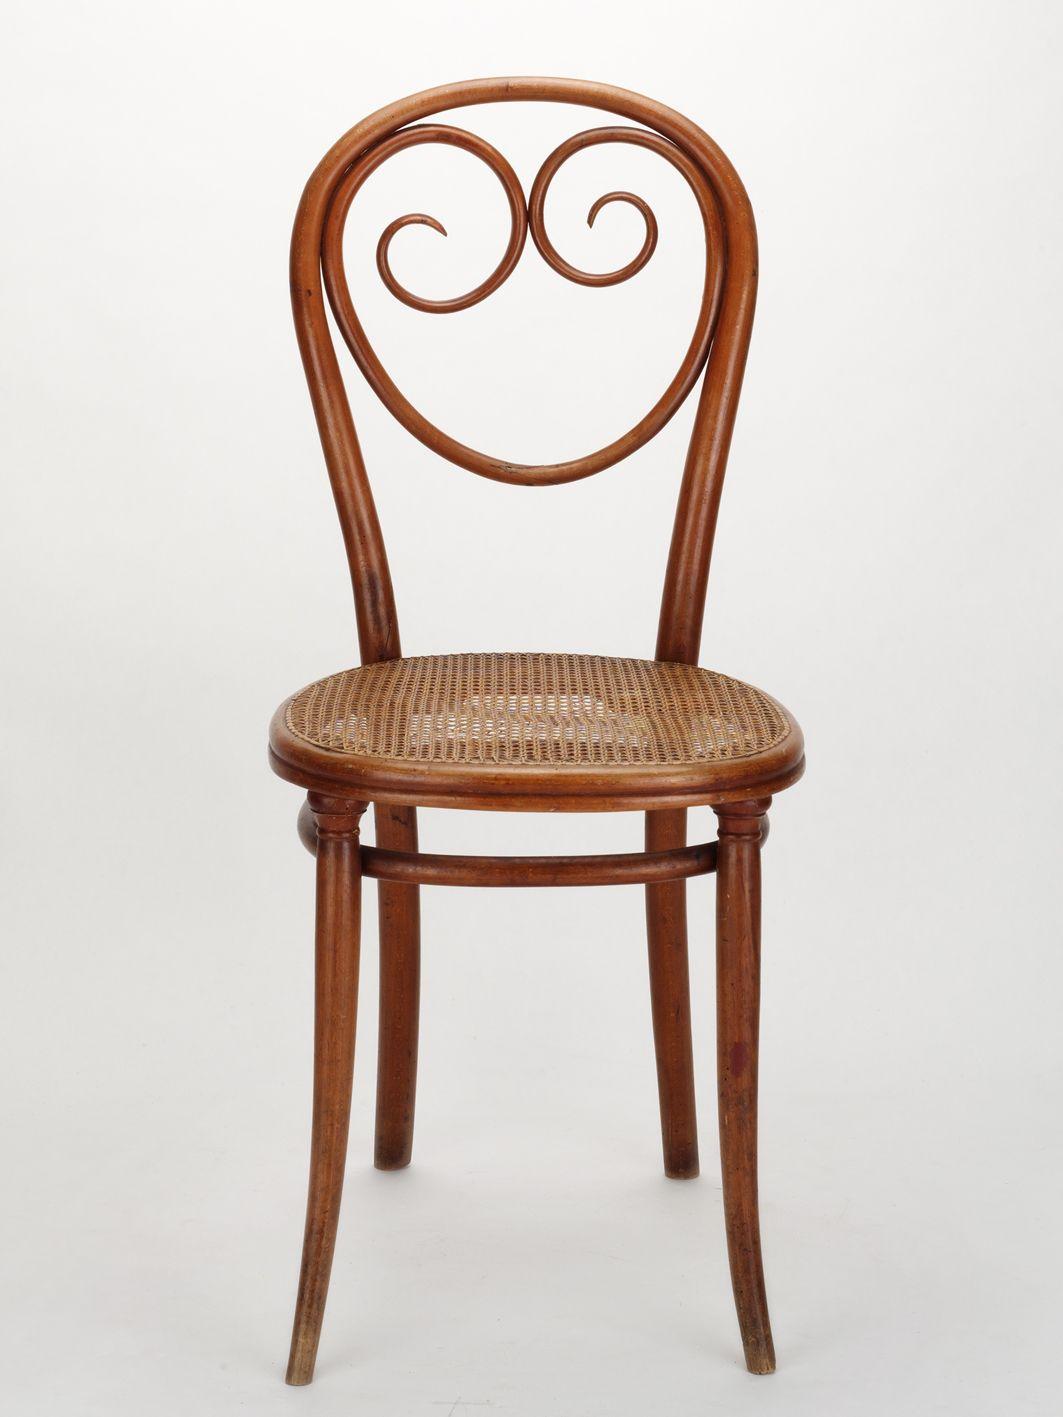 gebr der thonet thonet nr 2 1865 thonet bentwood pinterest stuhl sessel und m bel. Black Bedroom Furniture Sets. Home Design Ideas